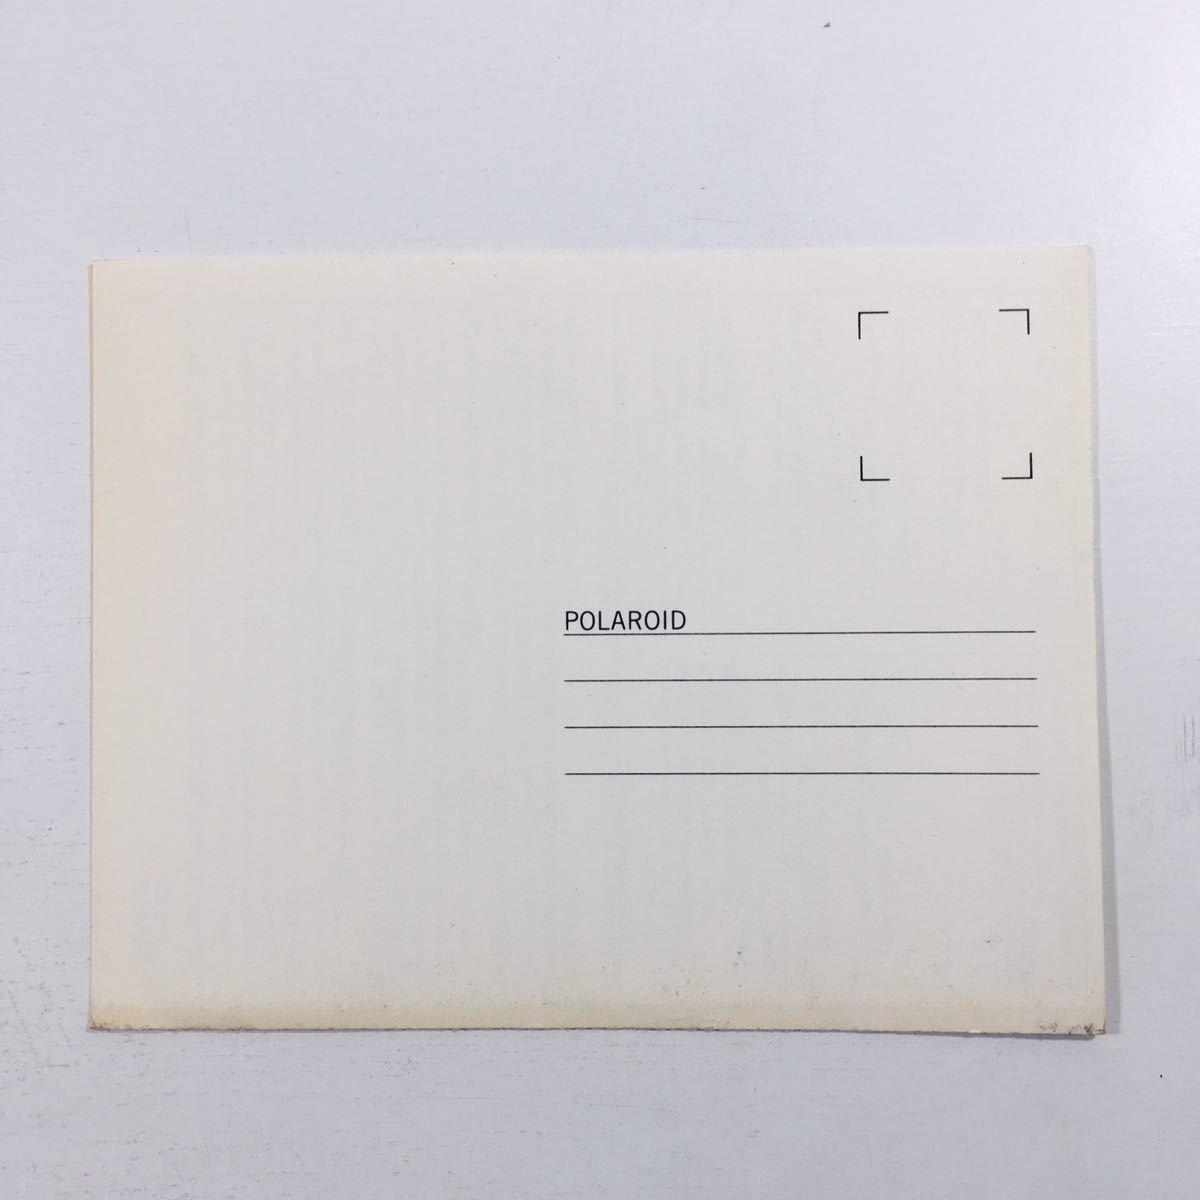 【 説明書 のみ 】 純正 オリジナル polaroid ポラロイド 660 英文 外国語 取扱 使用 レトロ フィルム カメラ レア 当時物 貴重_画像4